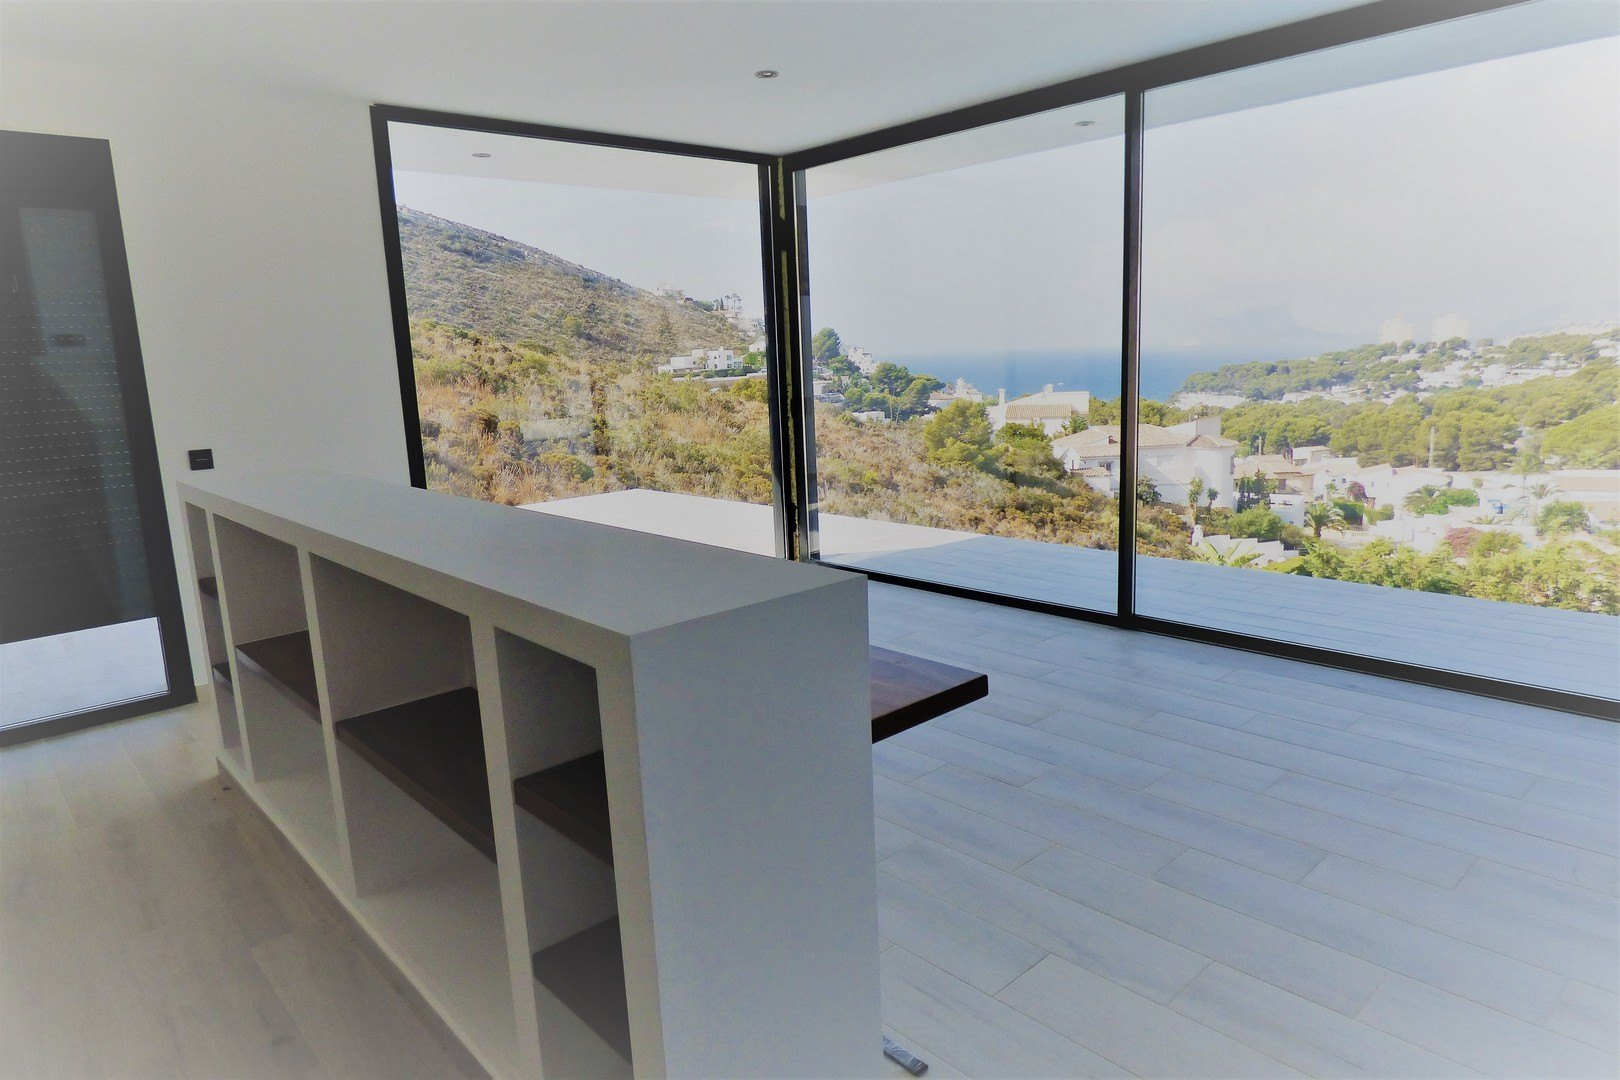 Fotogallerij - 3 - Build a villa in Moraira: villas for sale in Moraira